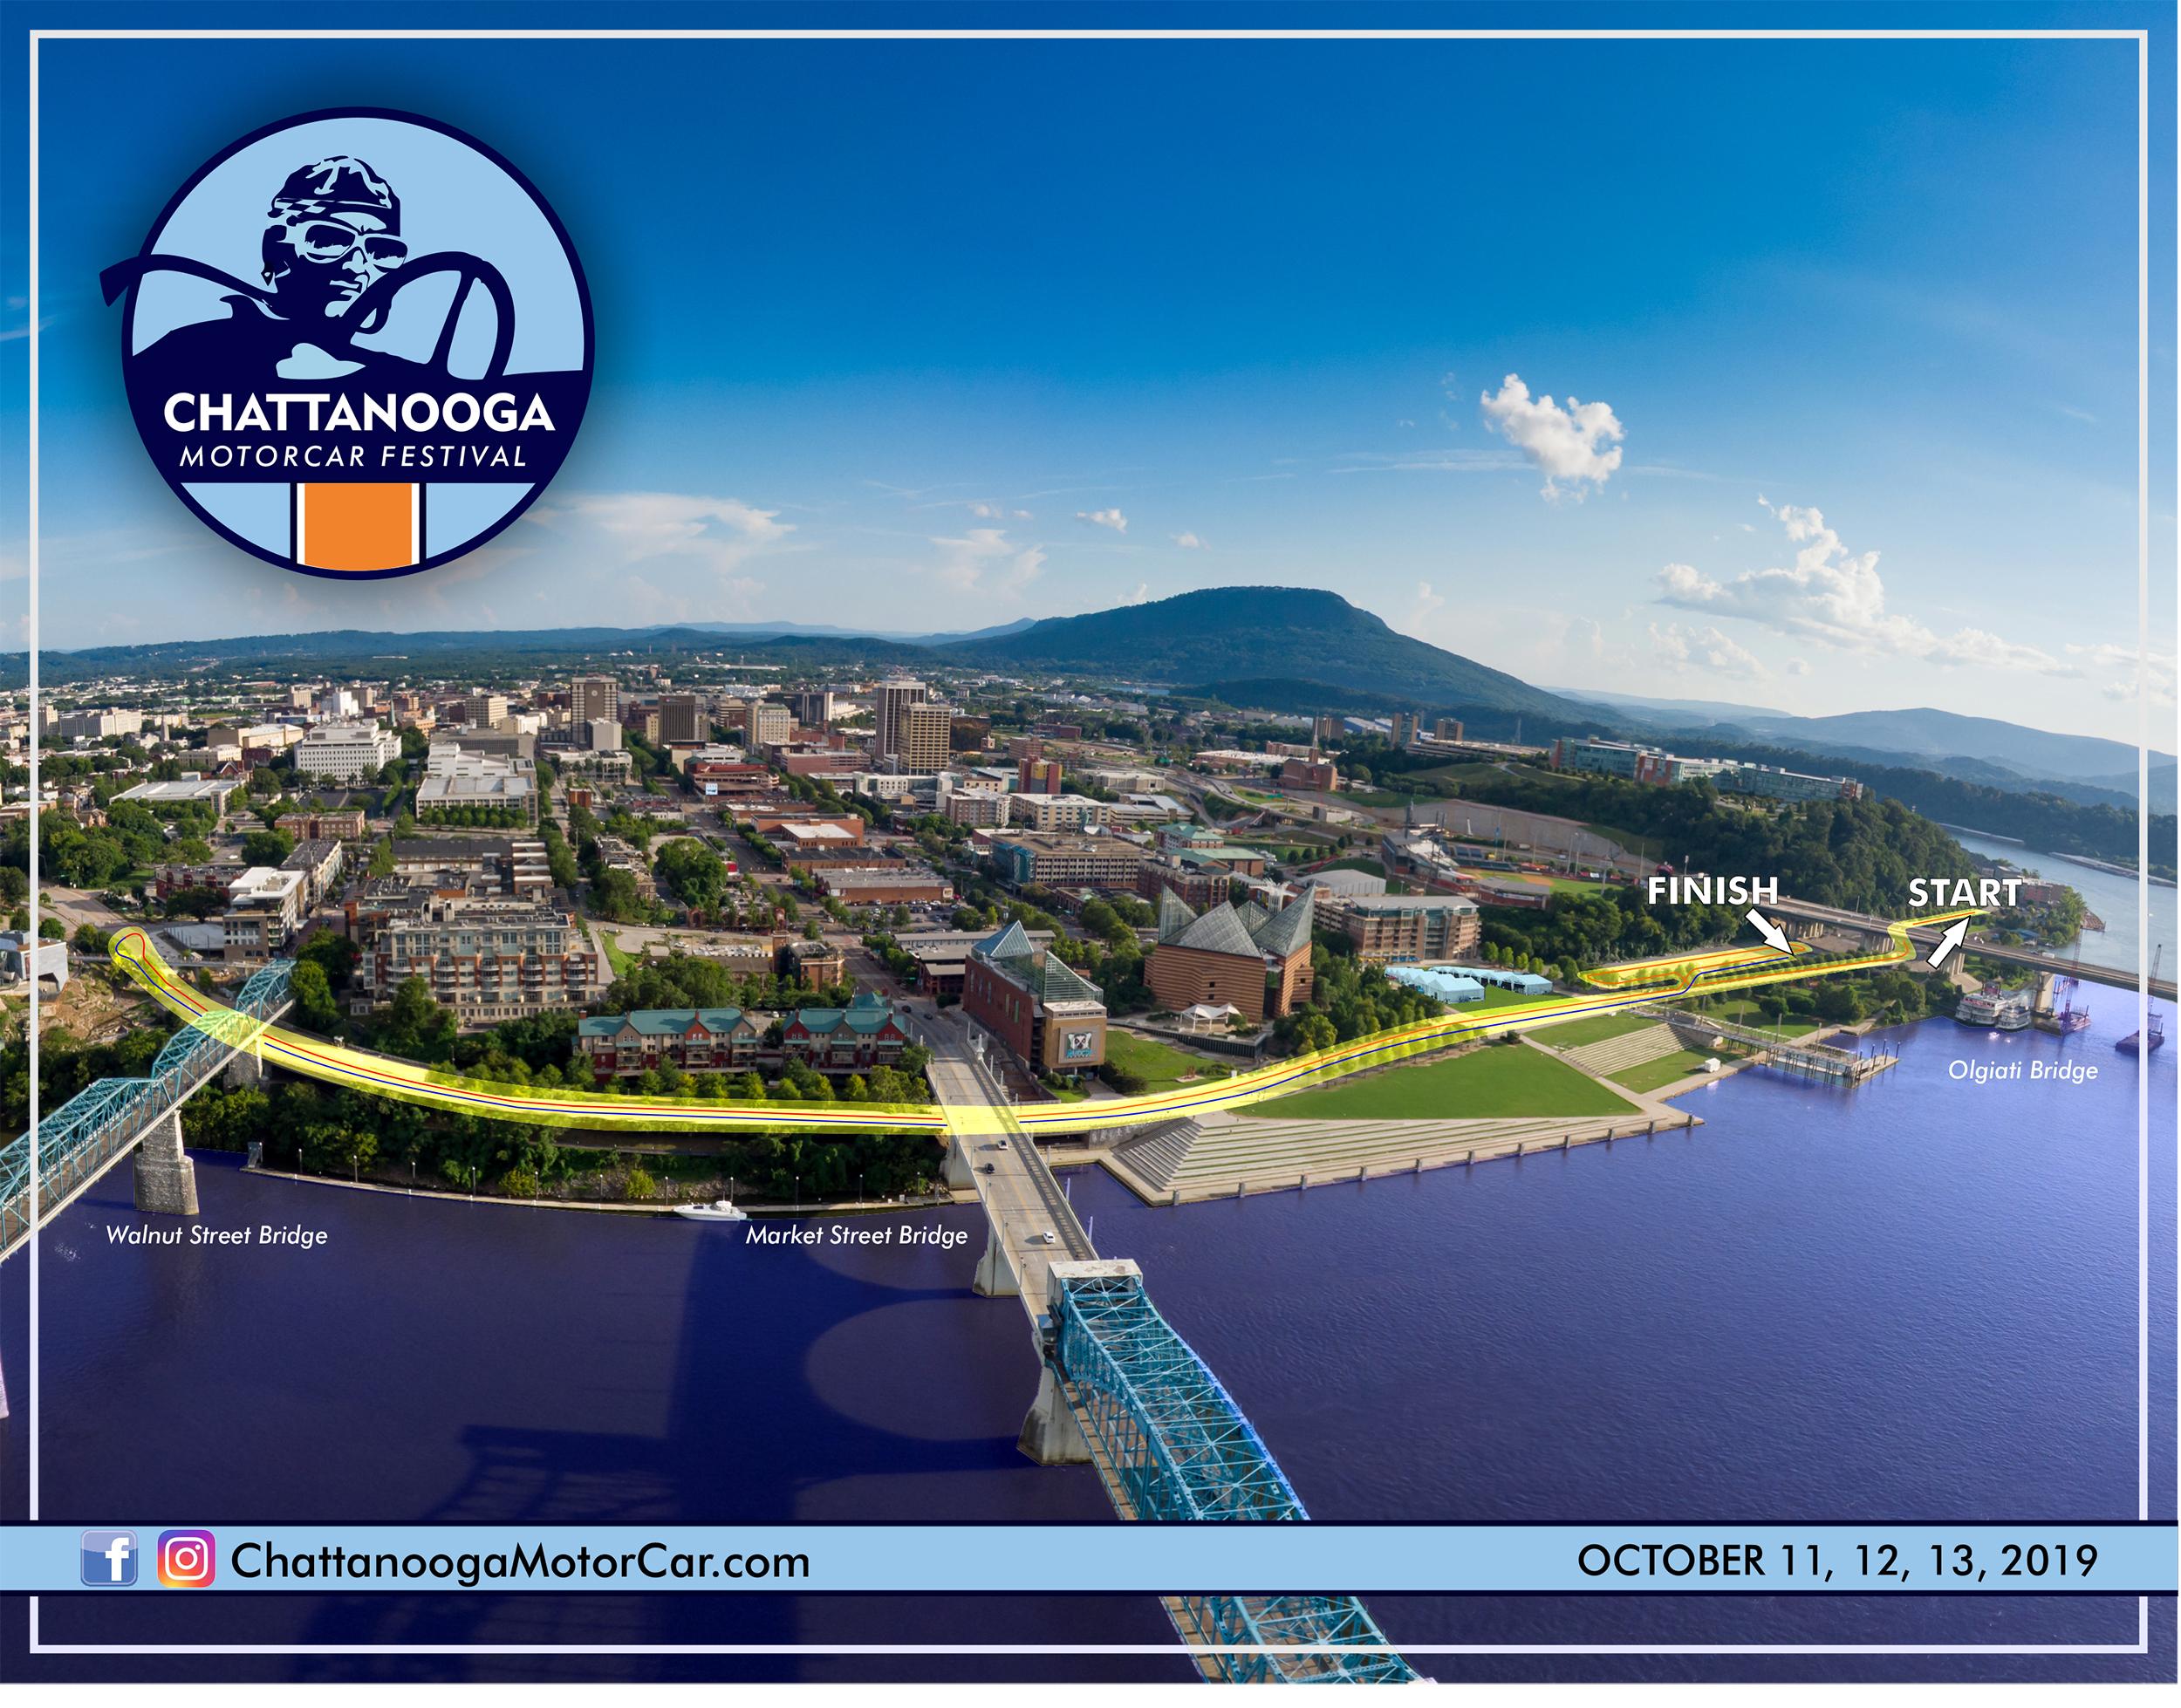 Chattanooga motorcar festival map.jpg